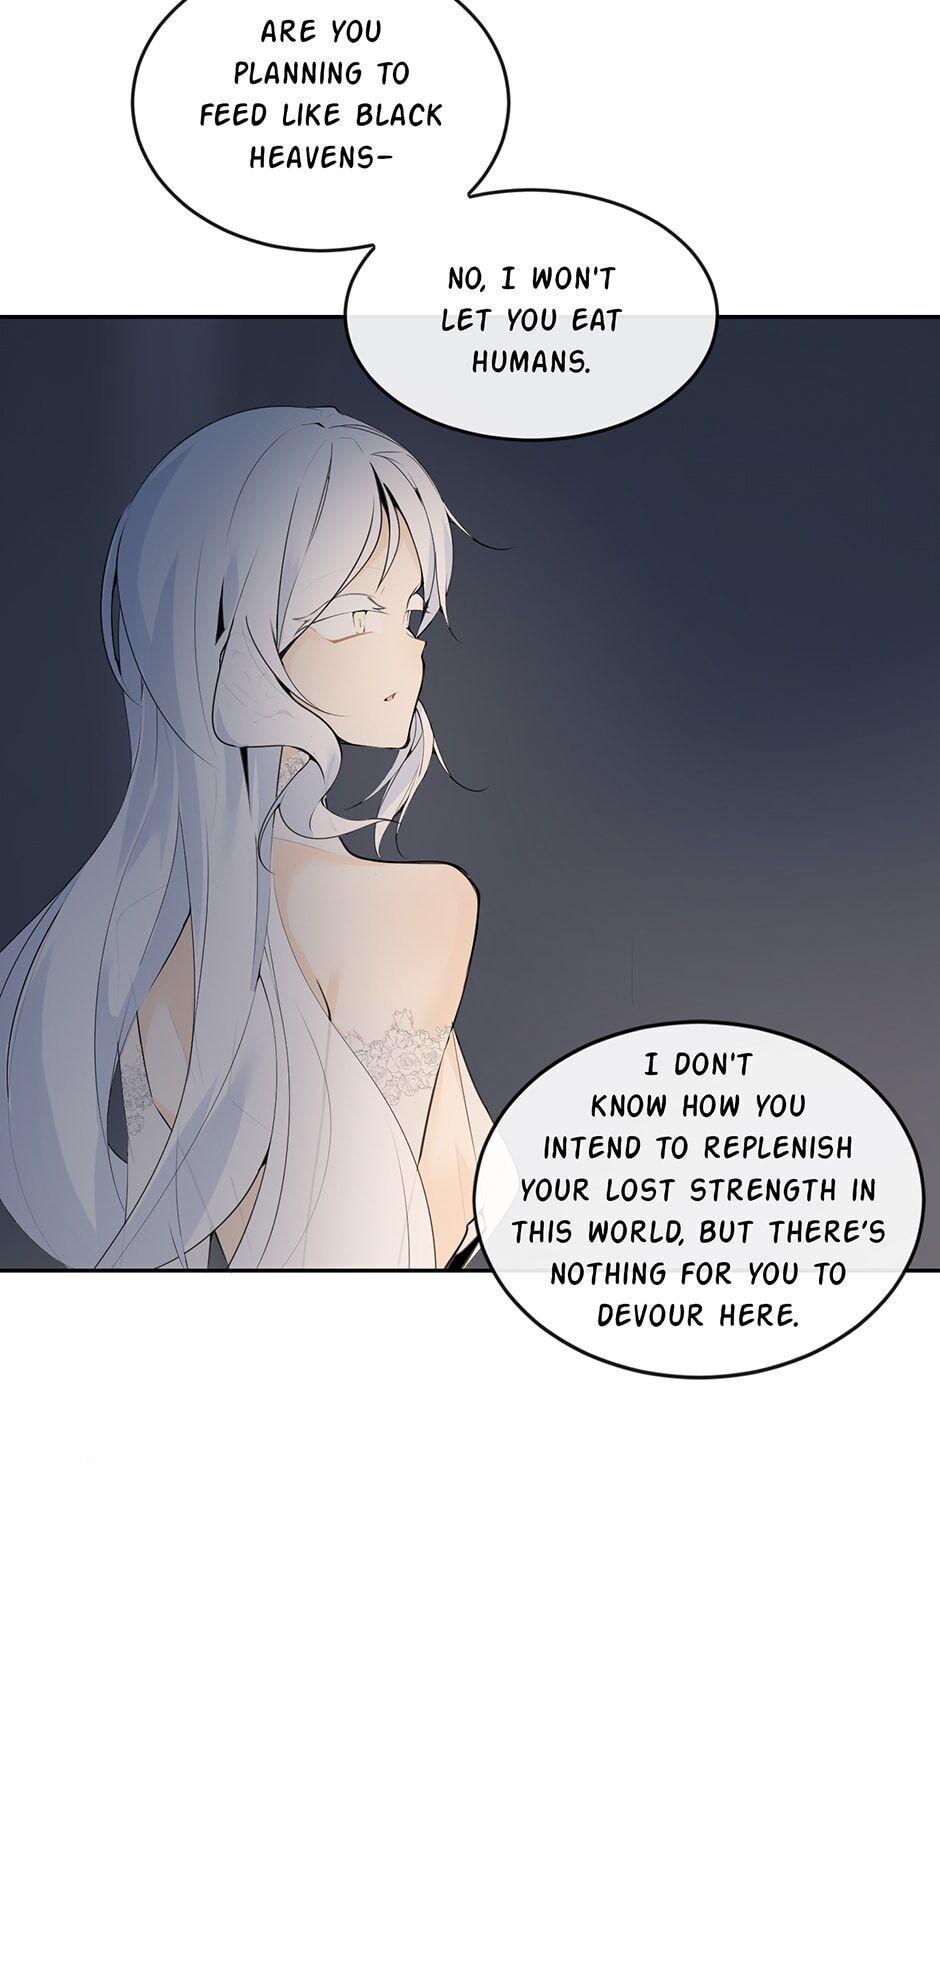 Devil Sword King Chapter 225 : The Guns page 18 - Mangakakalots.com